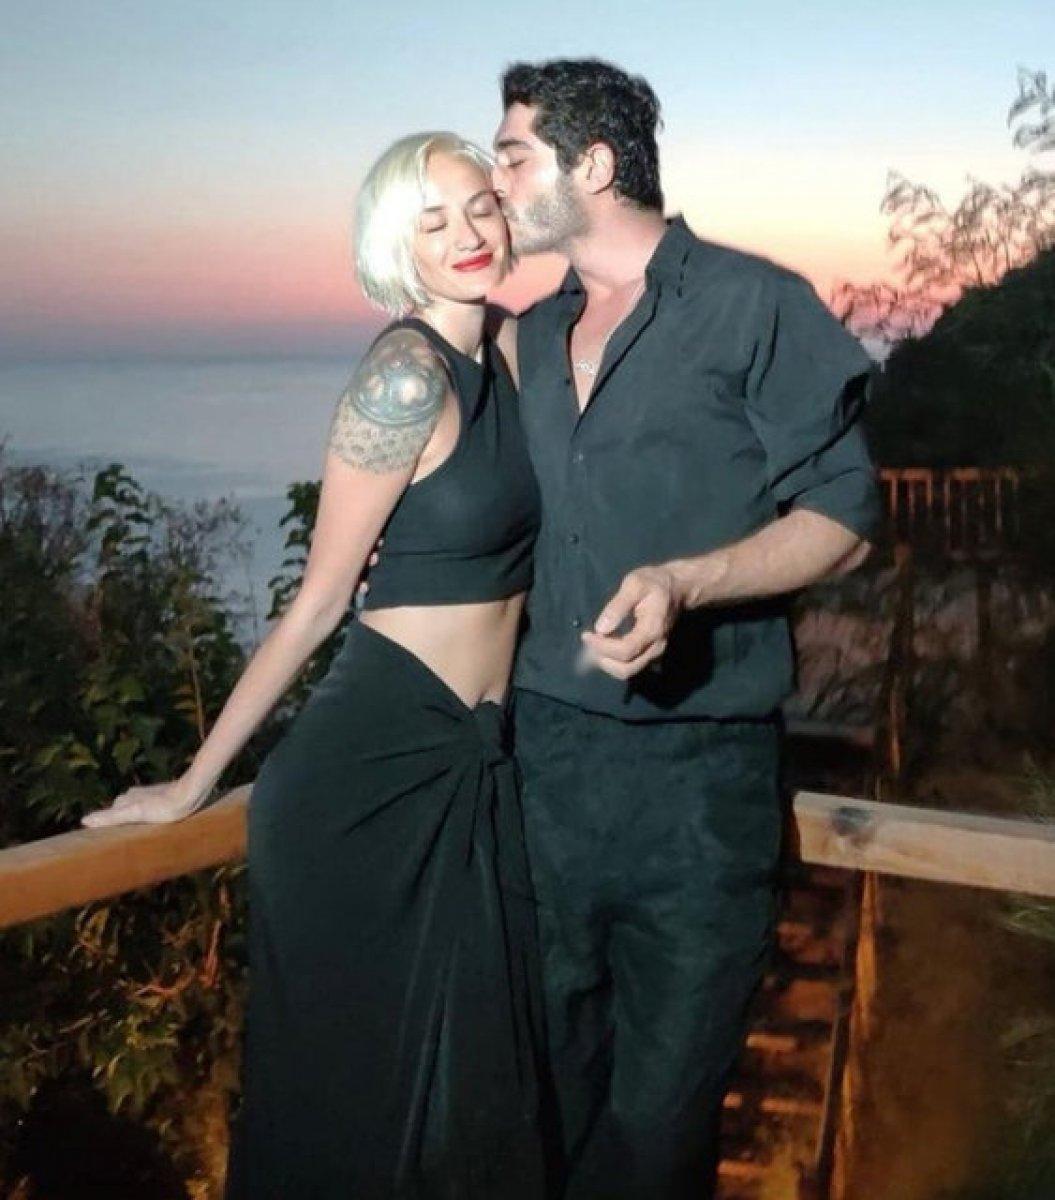 Üstsüz fotoğraf, Didem Soydan ile Burak Deniz aşkını bitirdi  #4